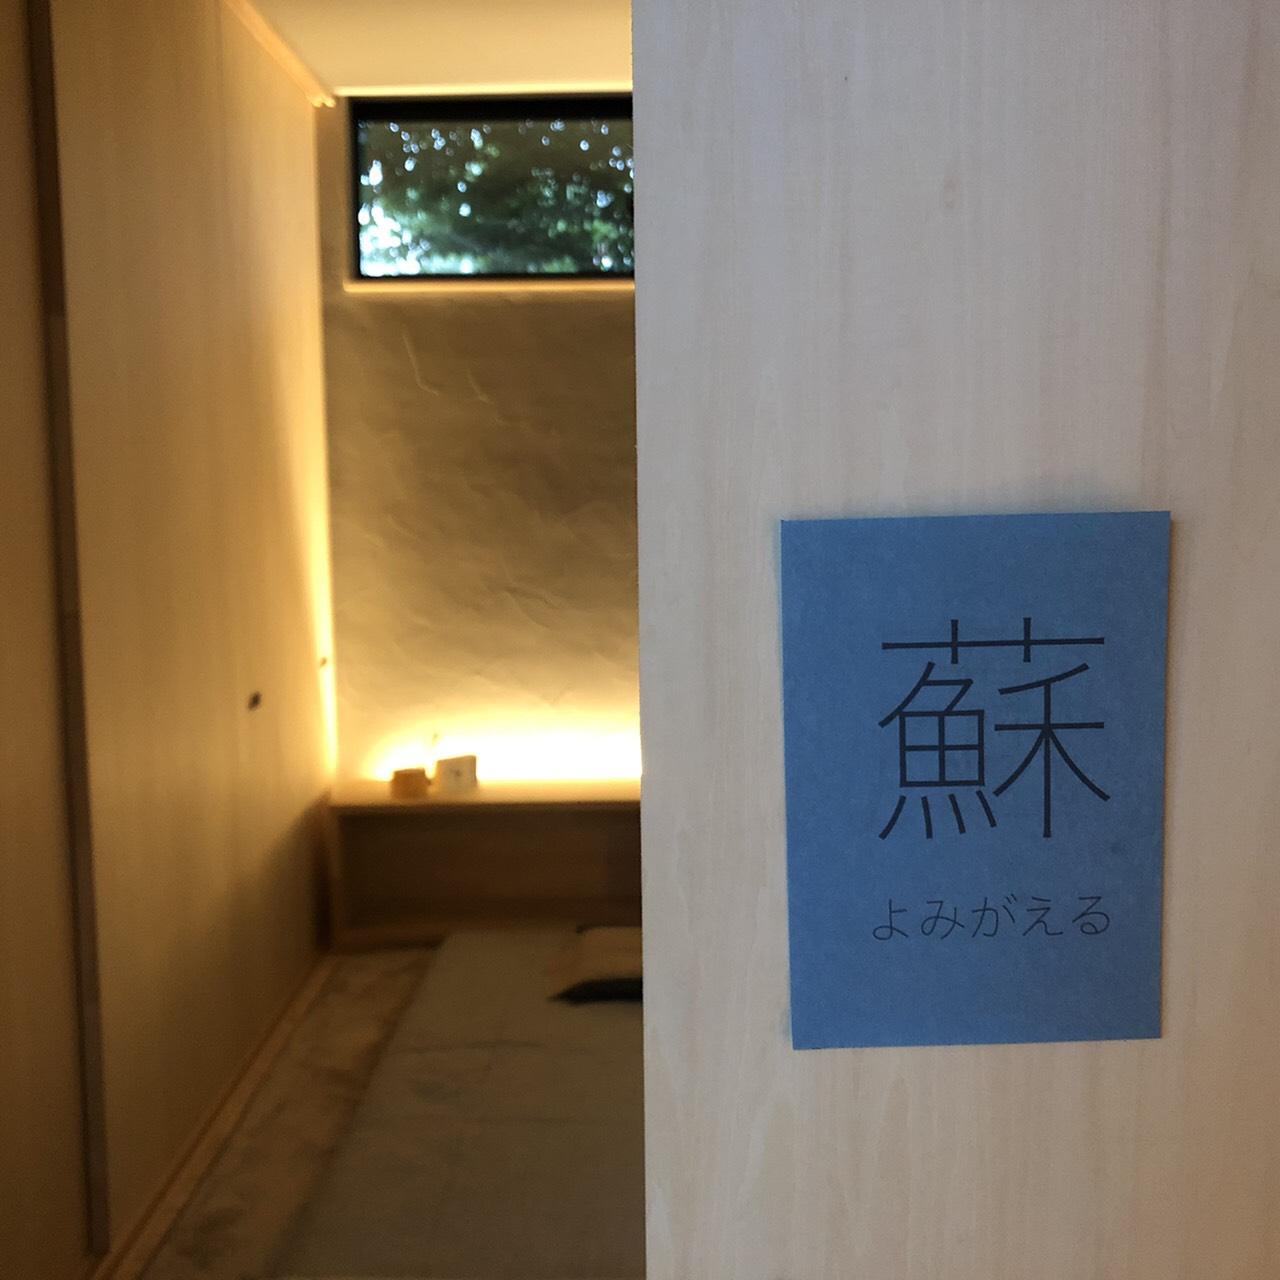 〜近日のご予約空き状況〜(令和3年7月22日現在)